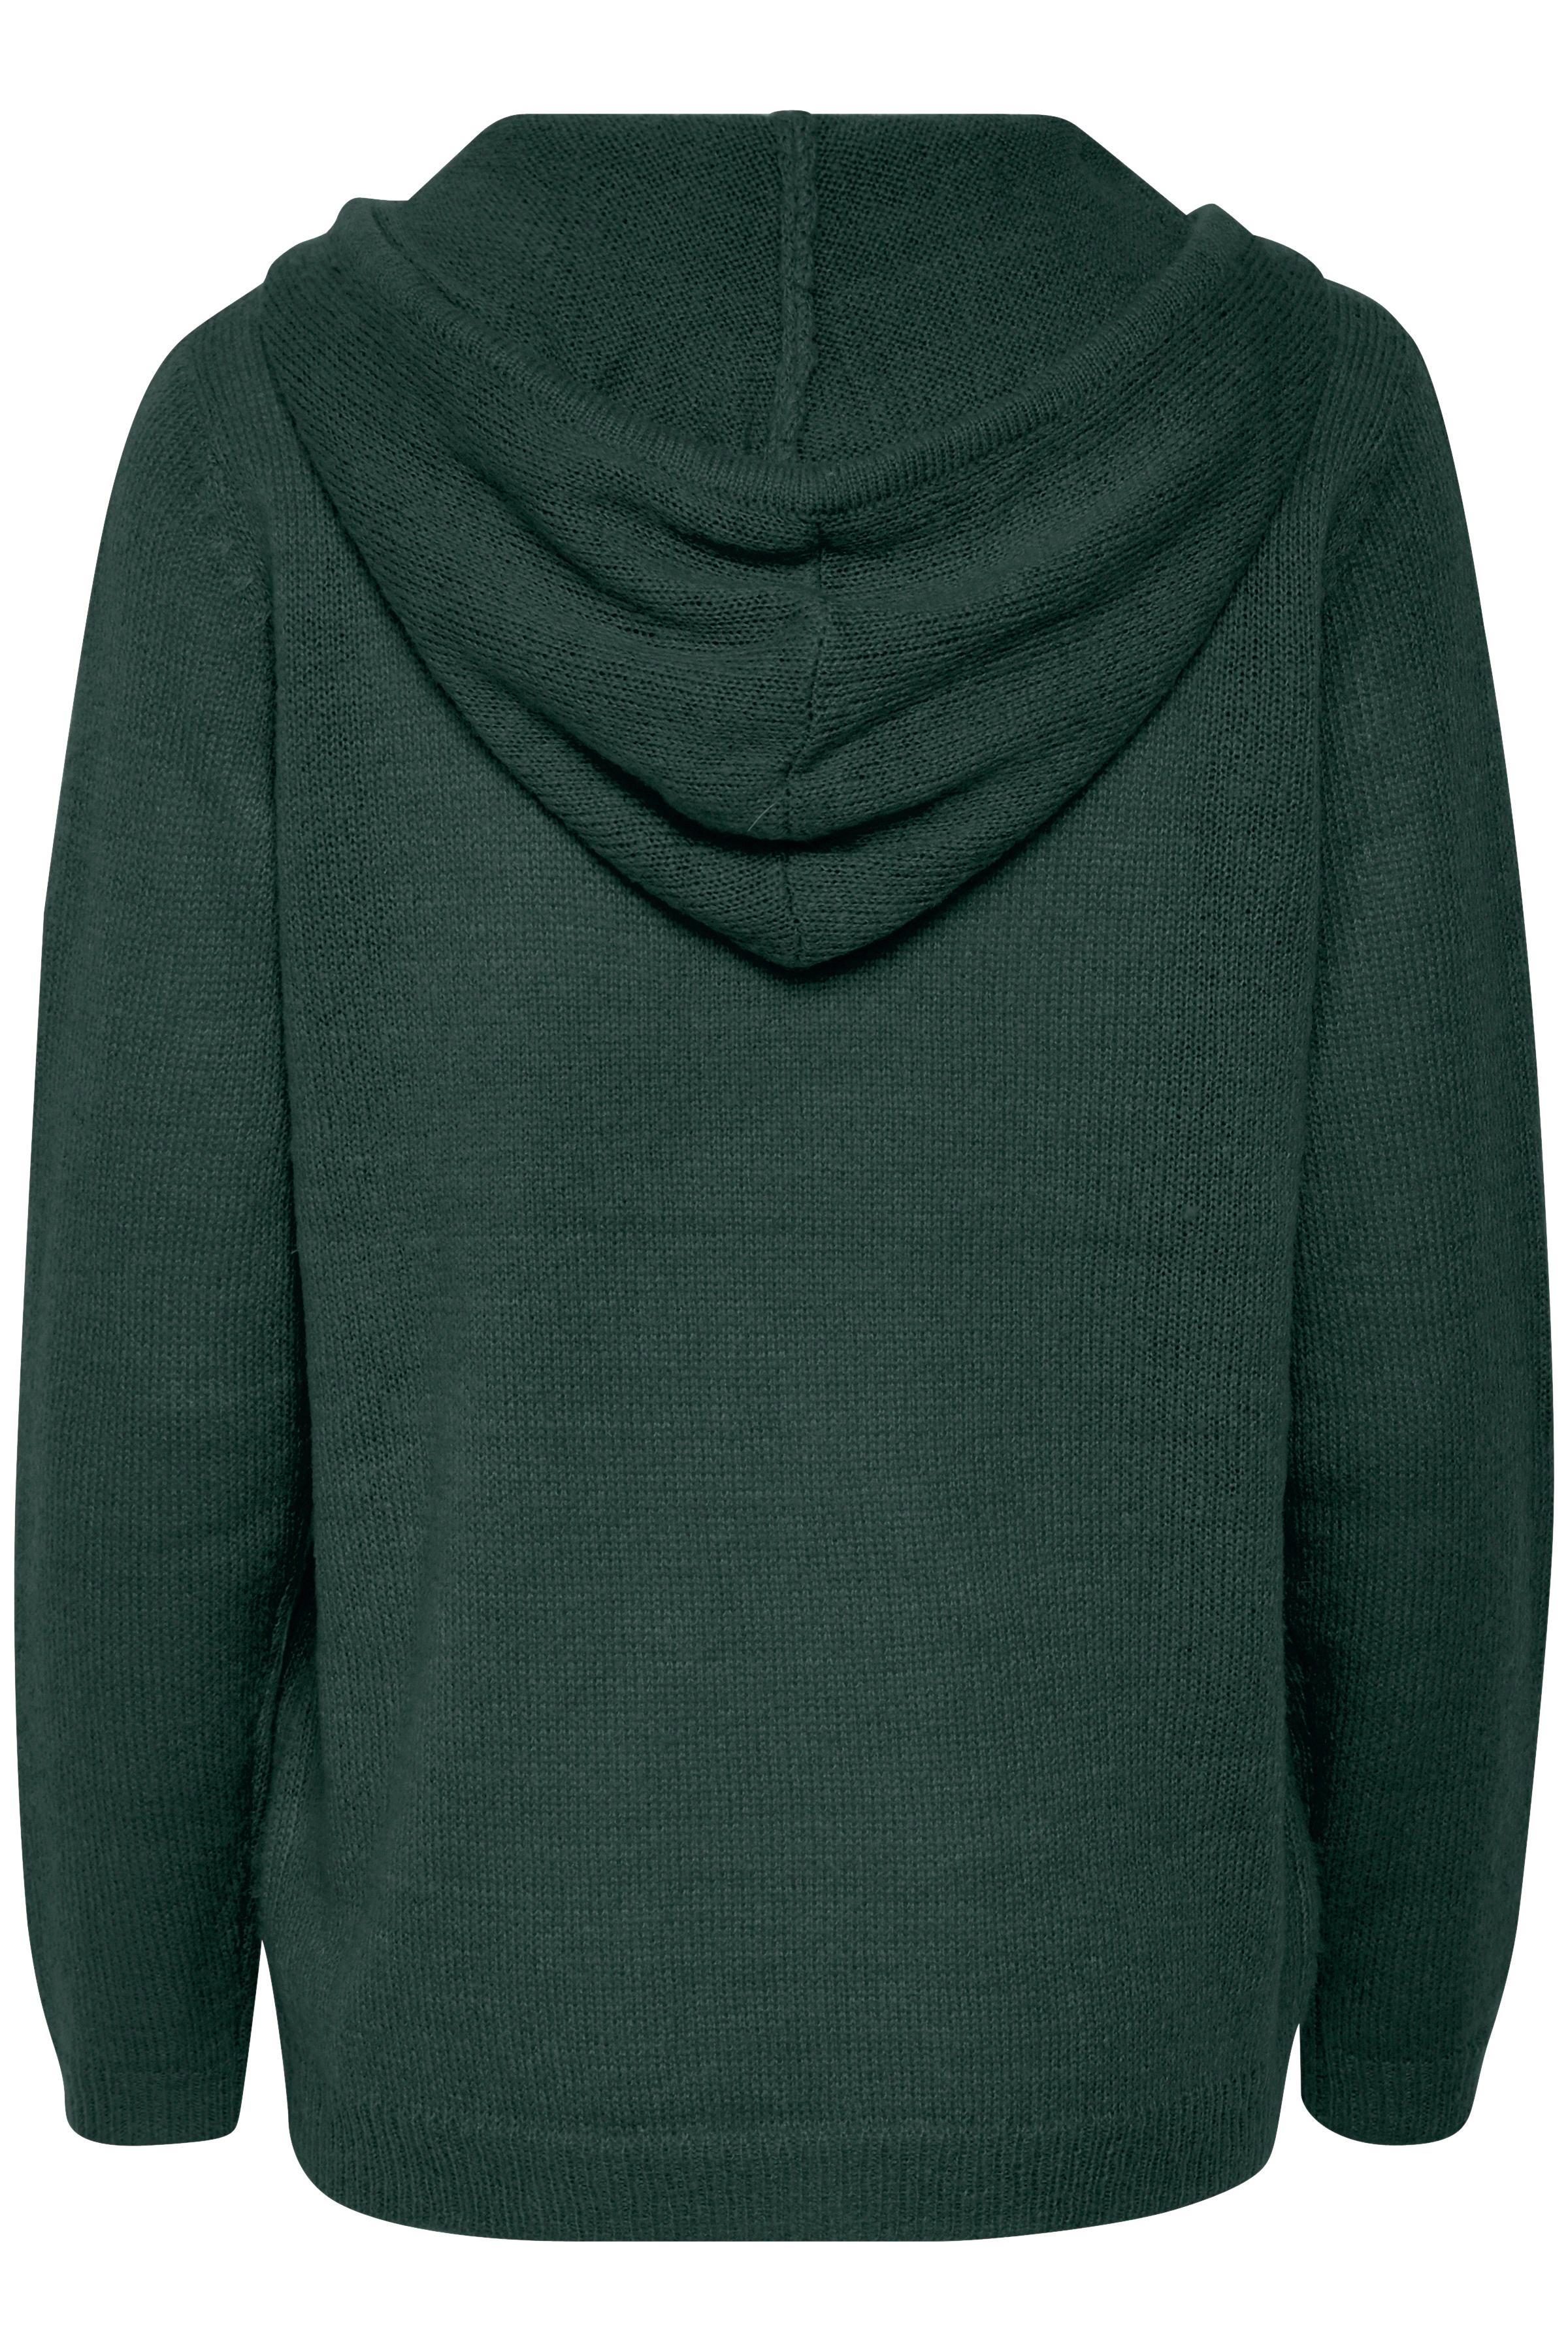 Mörk buteljgrön Huvtröja  från Denim Hunter – Köp Mörk buteljgrön Huvtröja  från stl. XS-XXL här